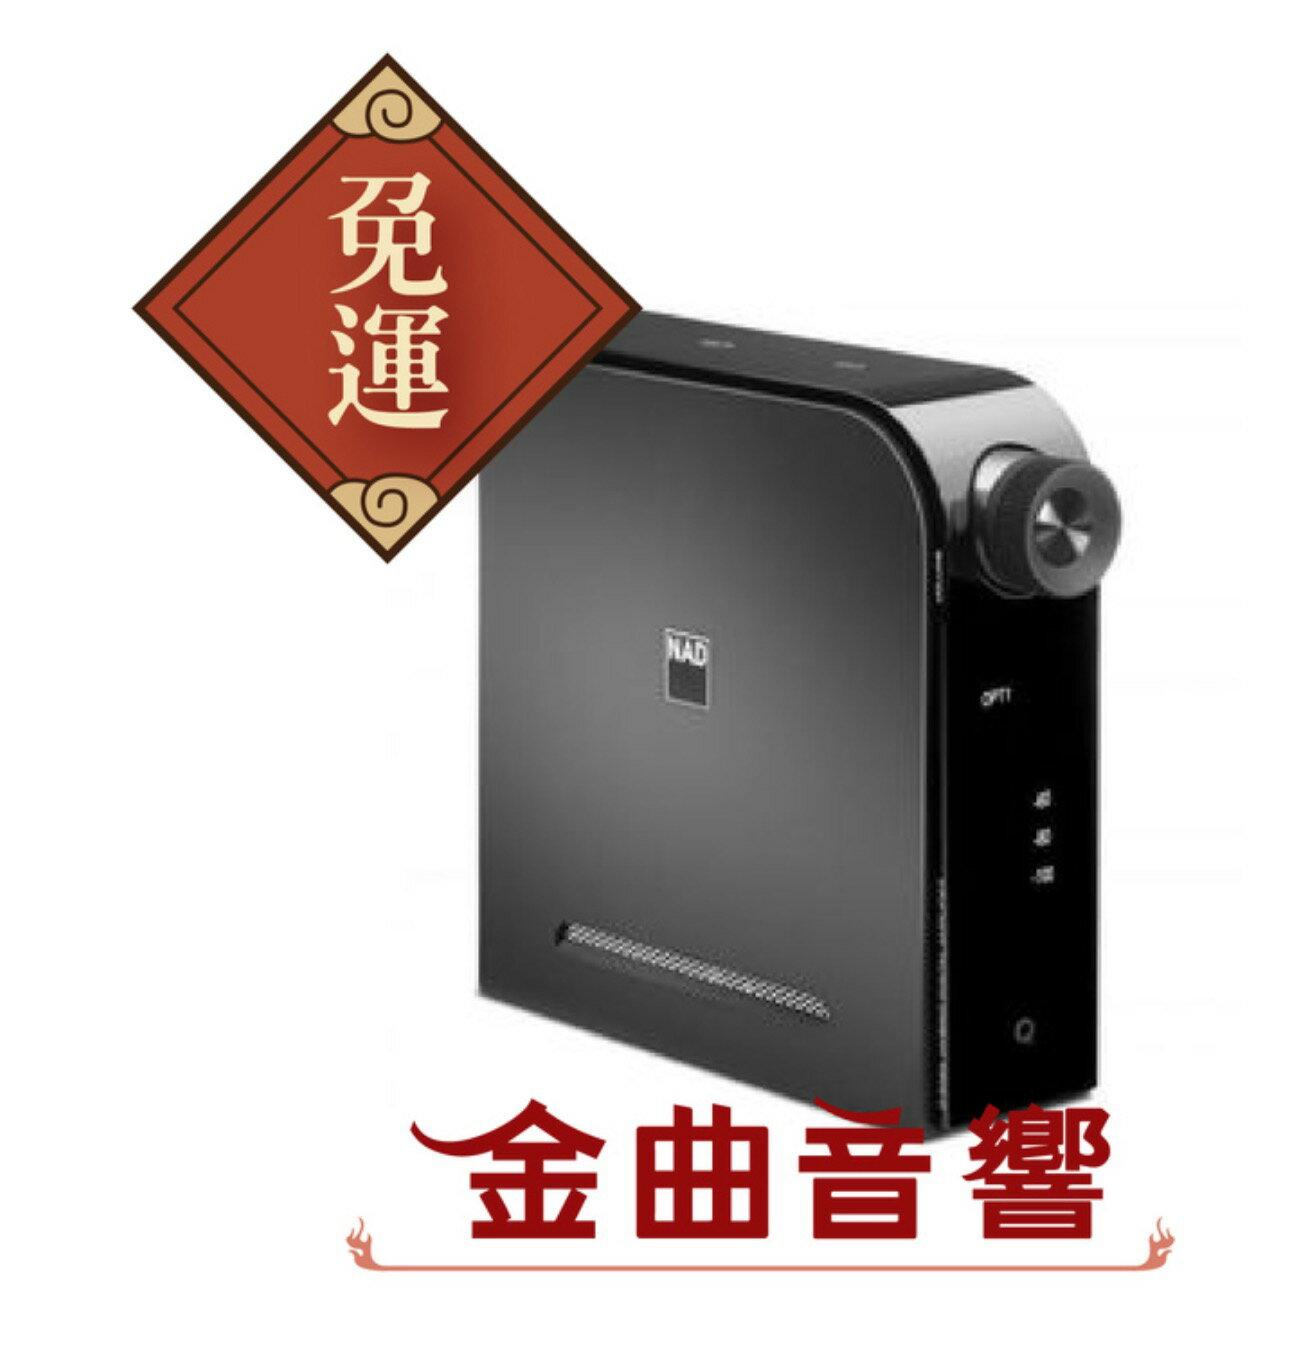 【金曲音響】英國 NAD D3020 USB DAC 綜合擴大機 (藍芽aptX) 【金曲音響】英國 NAD D3020 USB DAC 綜合擴大機 (藍芽aptX)